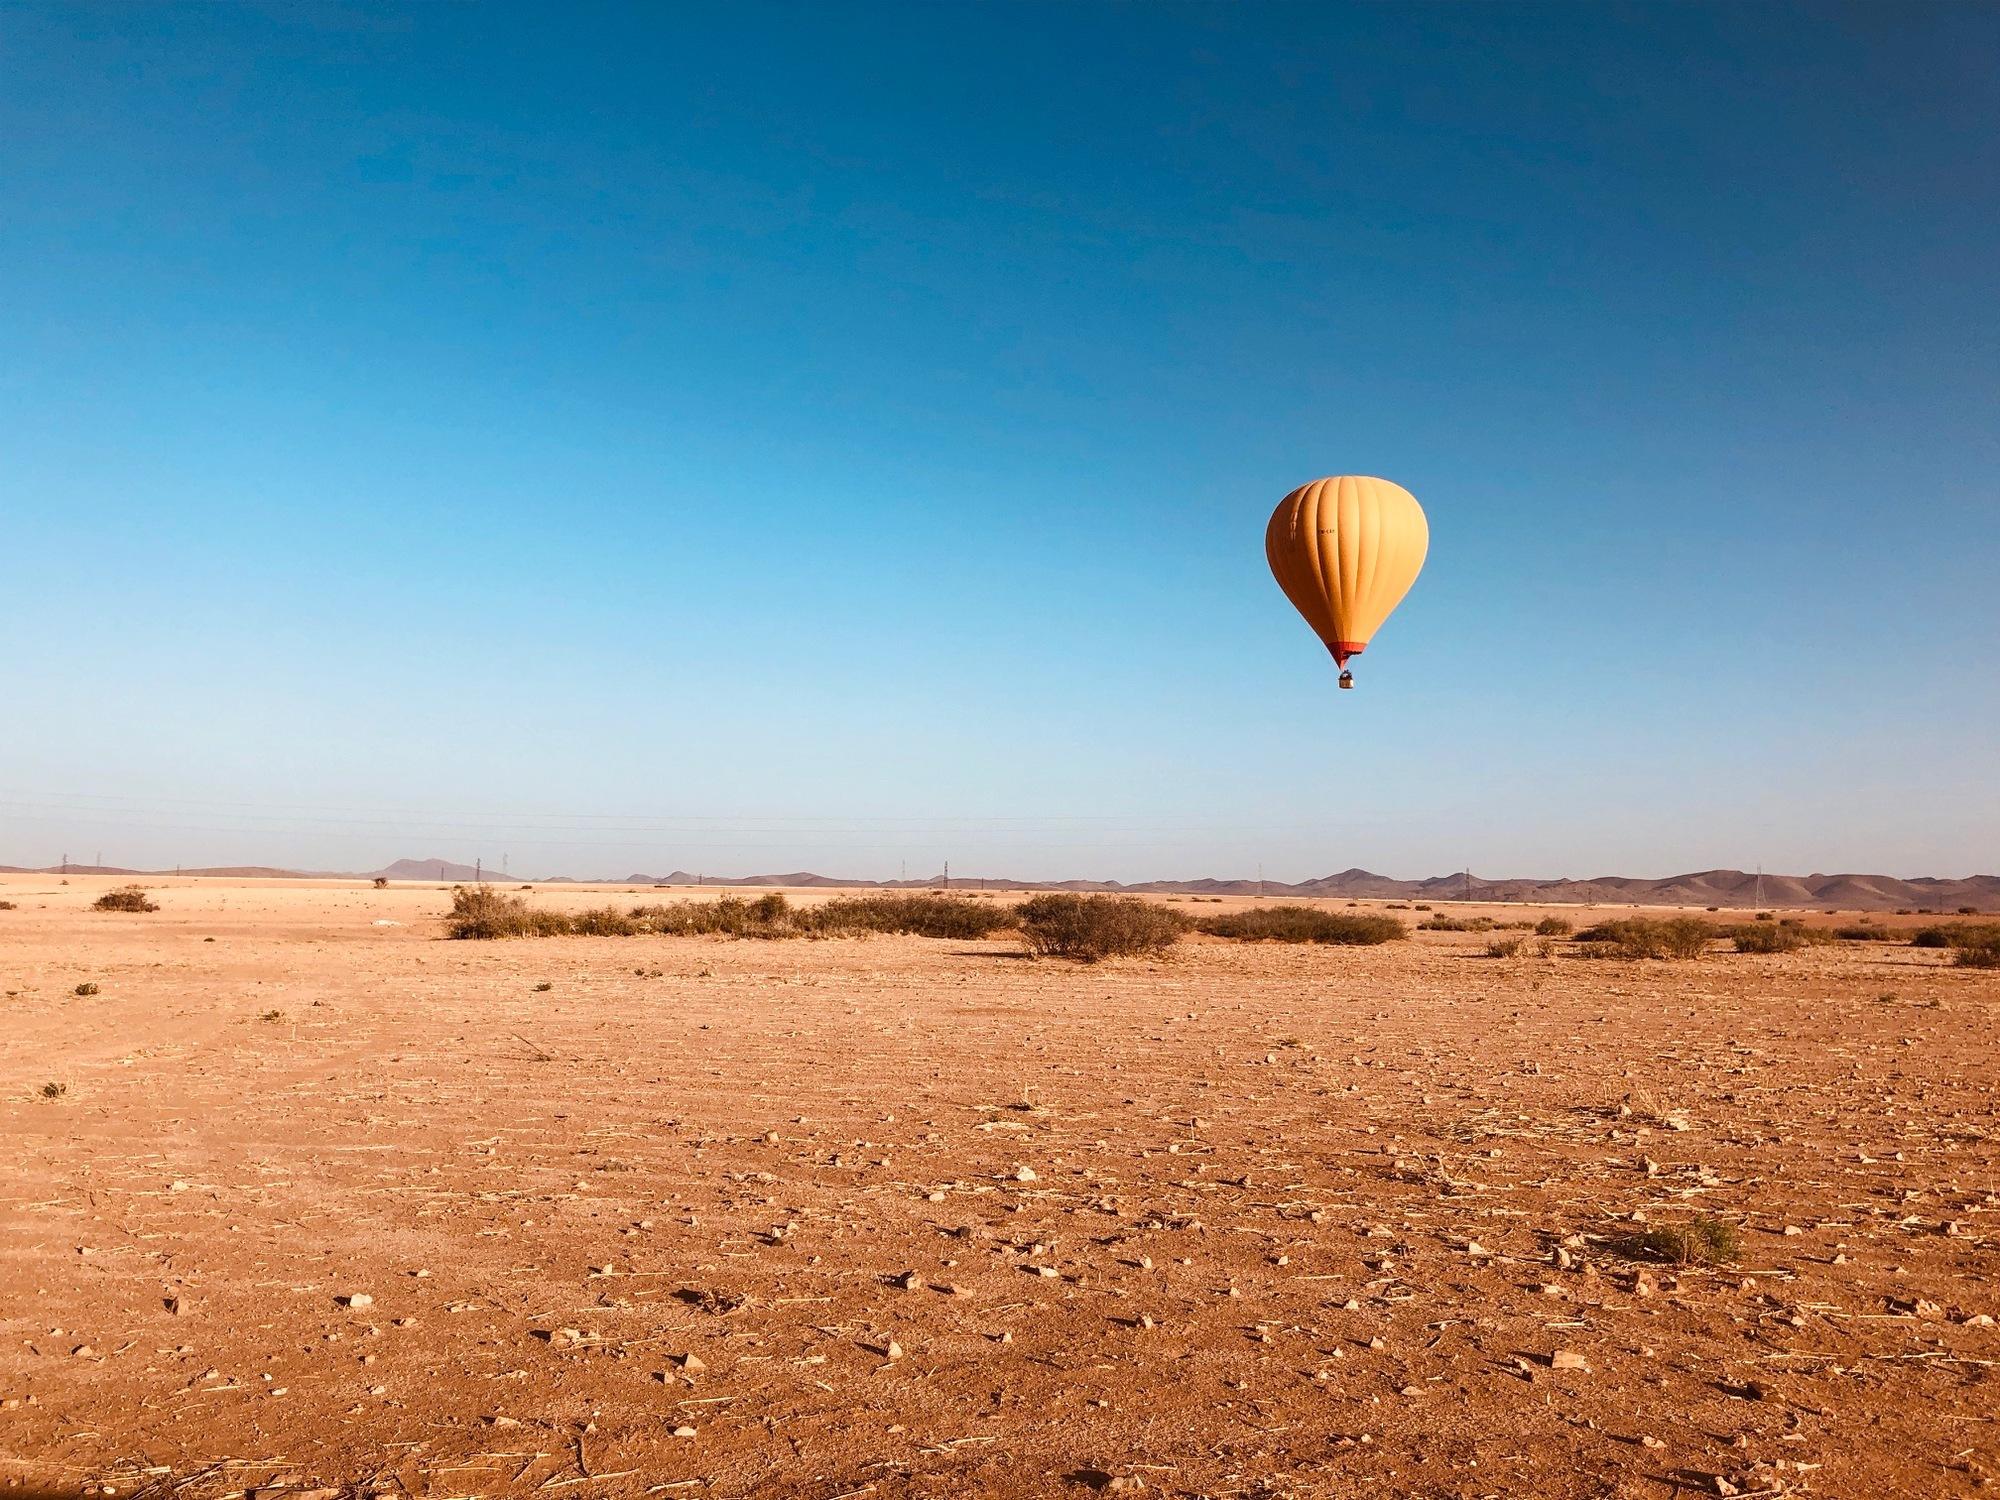 Professioneel uitgevoerde ballonvaarten boven de woestijn van Marrakech – Een  onvergetelijke ballonvaart bij zonsopgang boven de savanne woestijn, incl. ontbijt en Transport heen/terug vanuit jouw accommodatie!